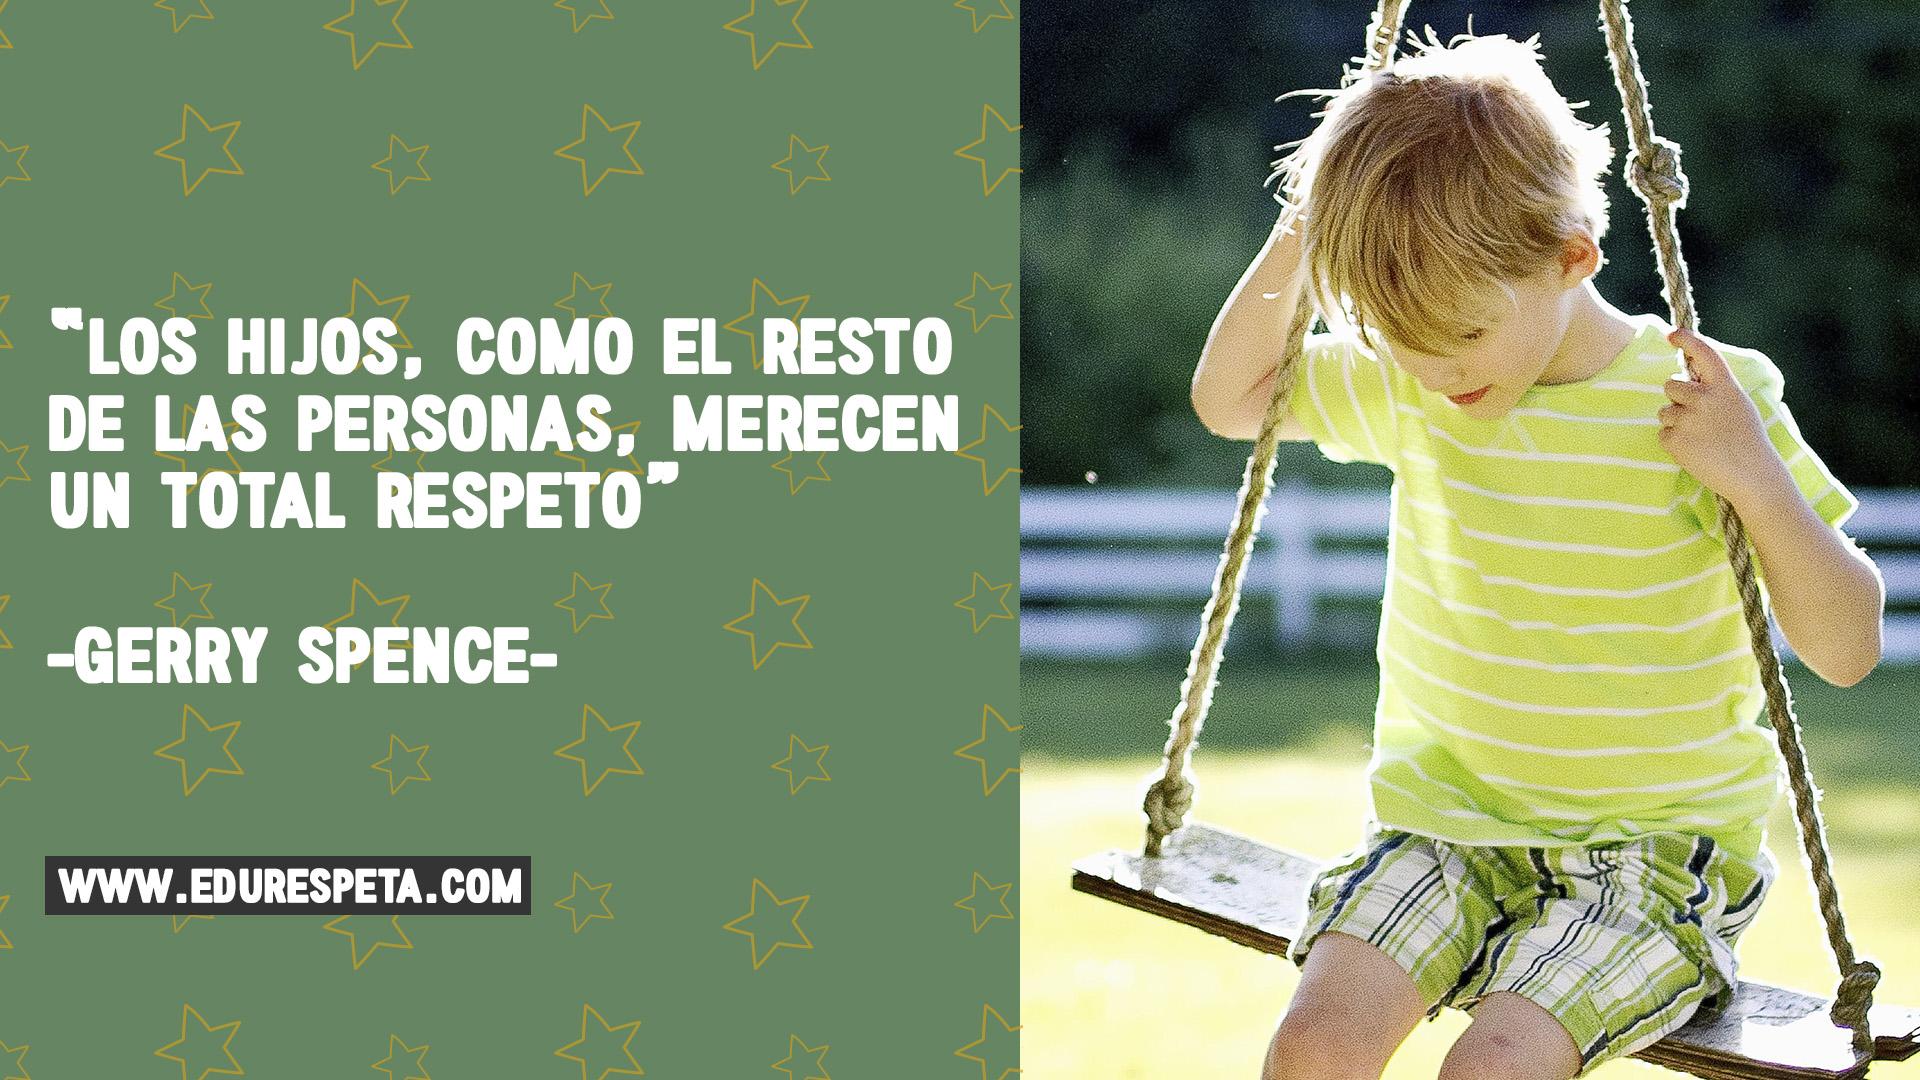 Los hijos, como el resto de las personas, merecen un total respeto